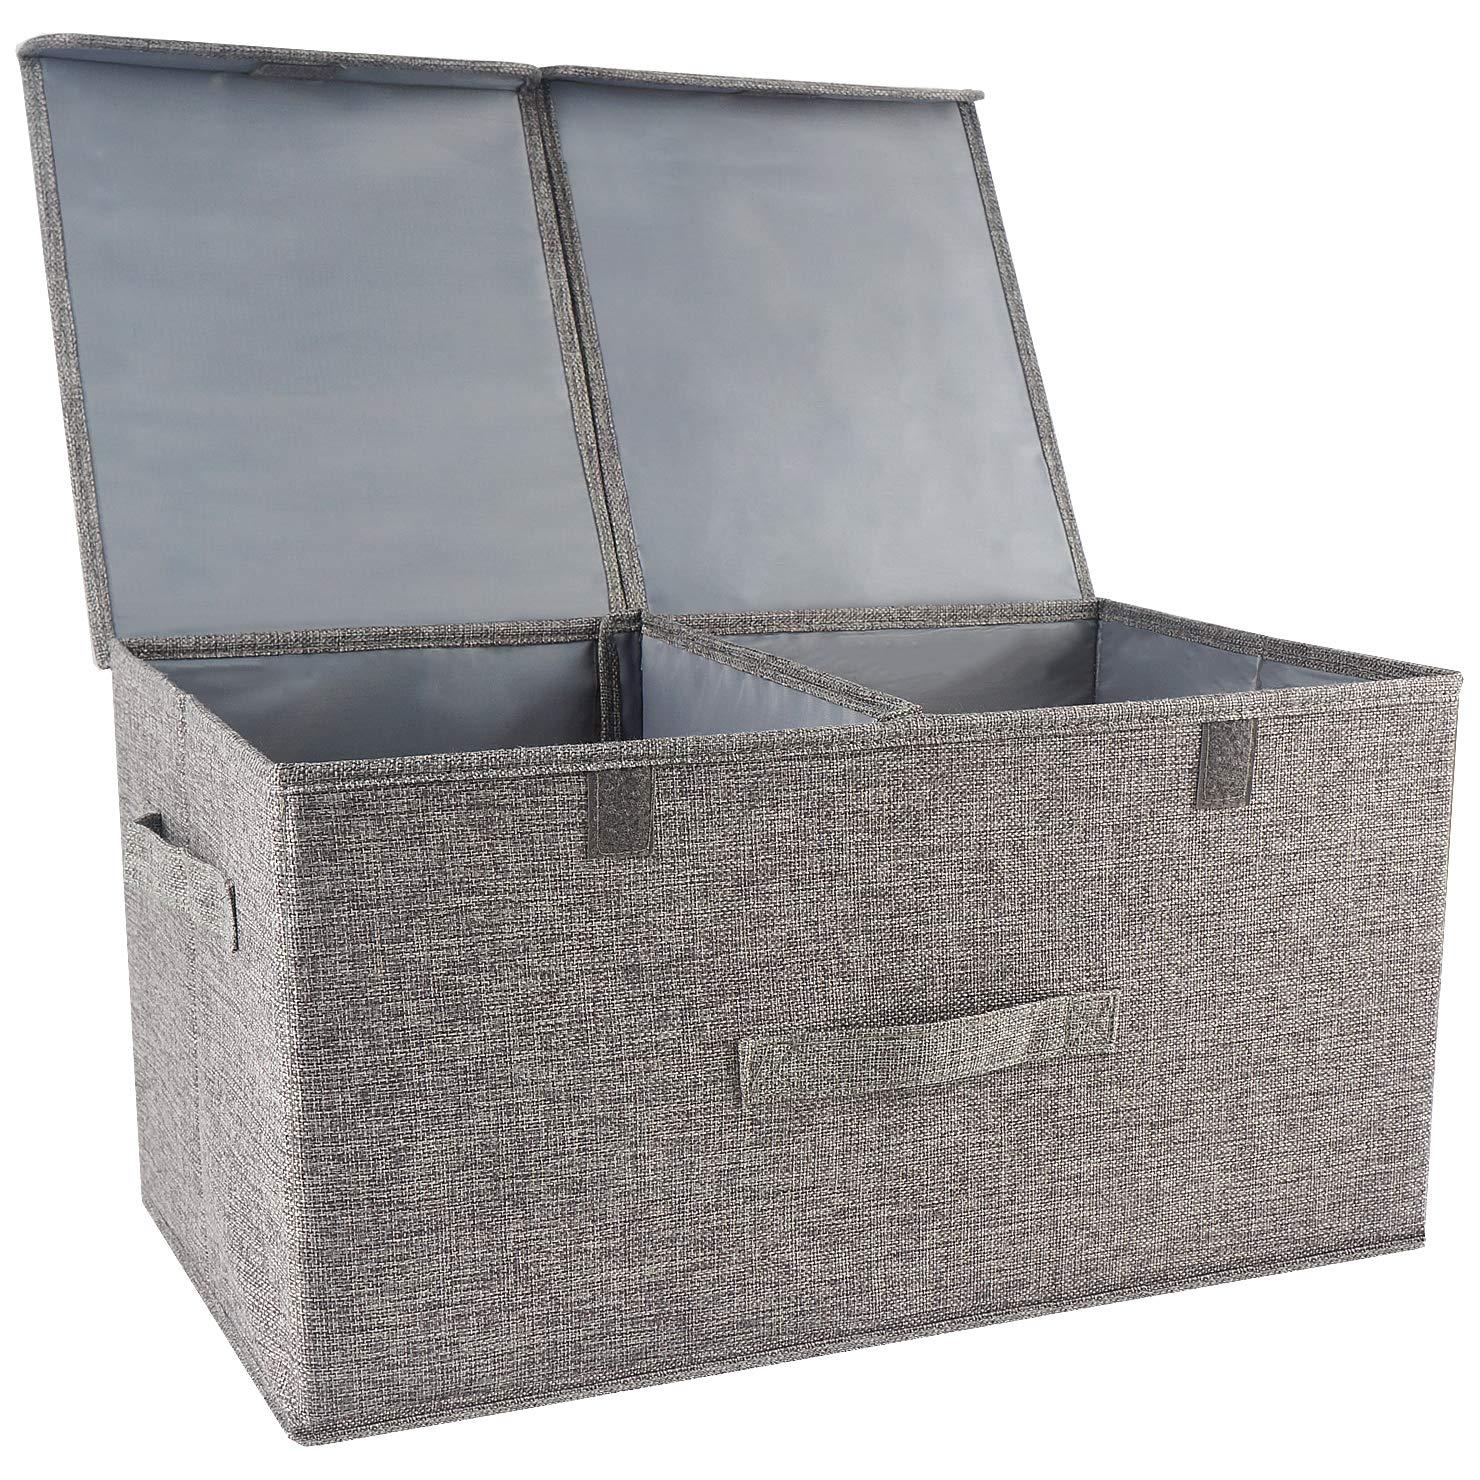 Full Size of Kisten Küche Faltbare Aufbewahrungs Box Armatur Tresen Pendelleuchten Kreidetafel Spülbecken Hochglanz Gebrauchte Blende Holzofen Sitzgruppe Tapete Modern Wohnzimmer Kisten Küche